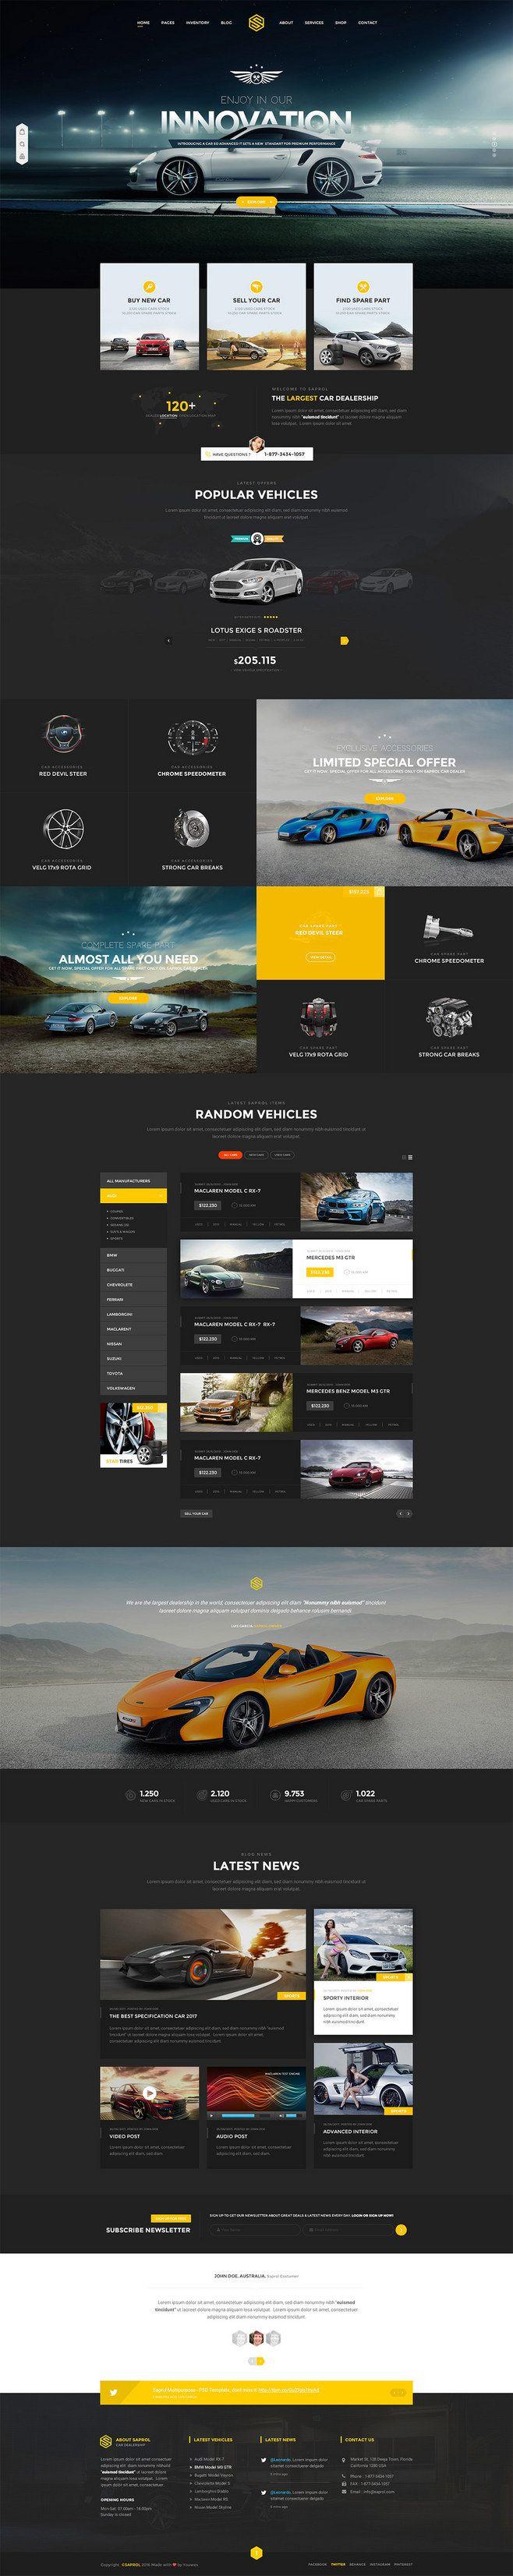 Saprol汽车经销商网页模板设计,来源...